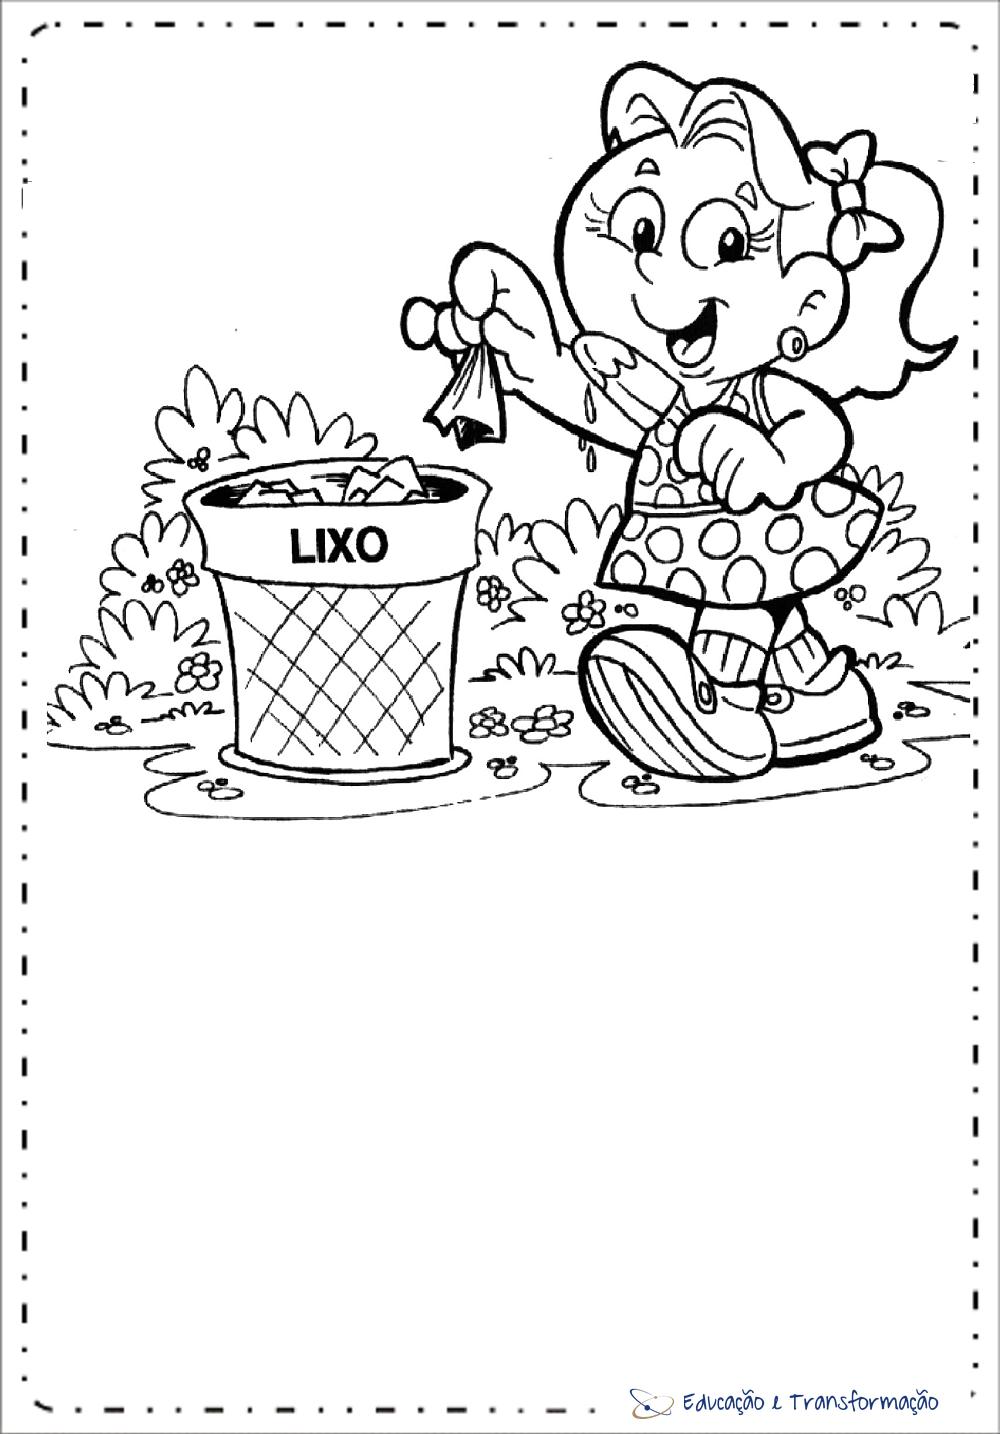 Populares Atividades meio ambiente educação infantil para imprimir e colorir LX45